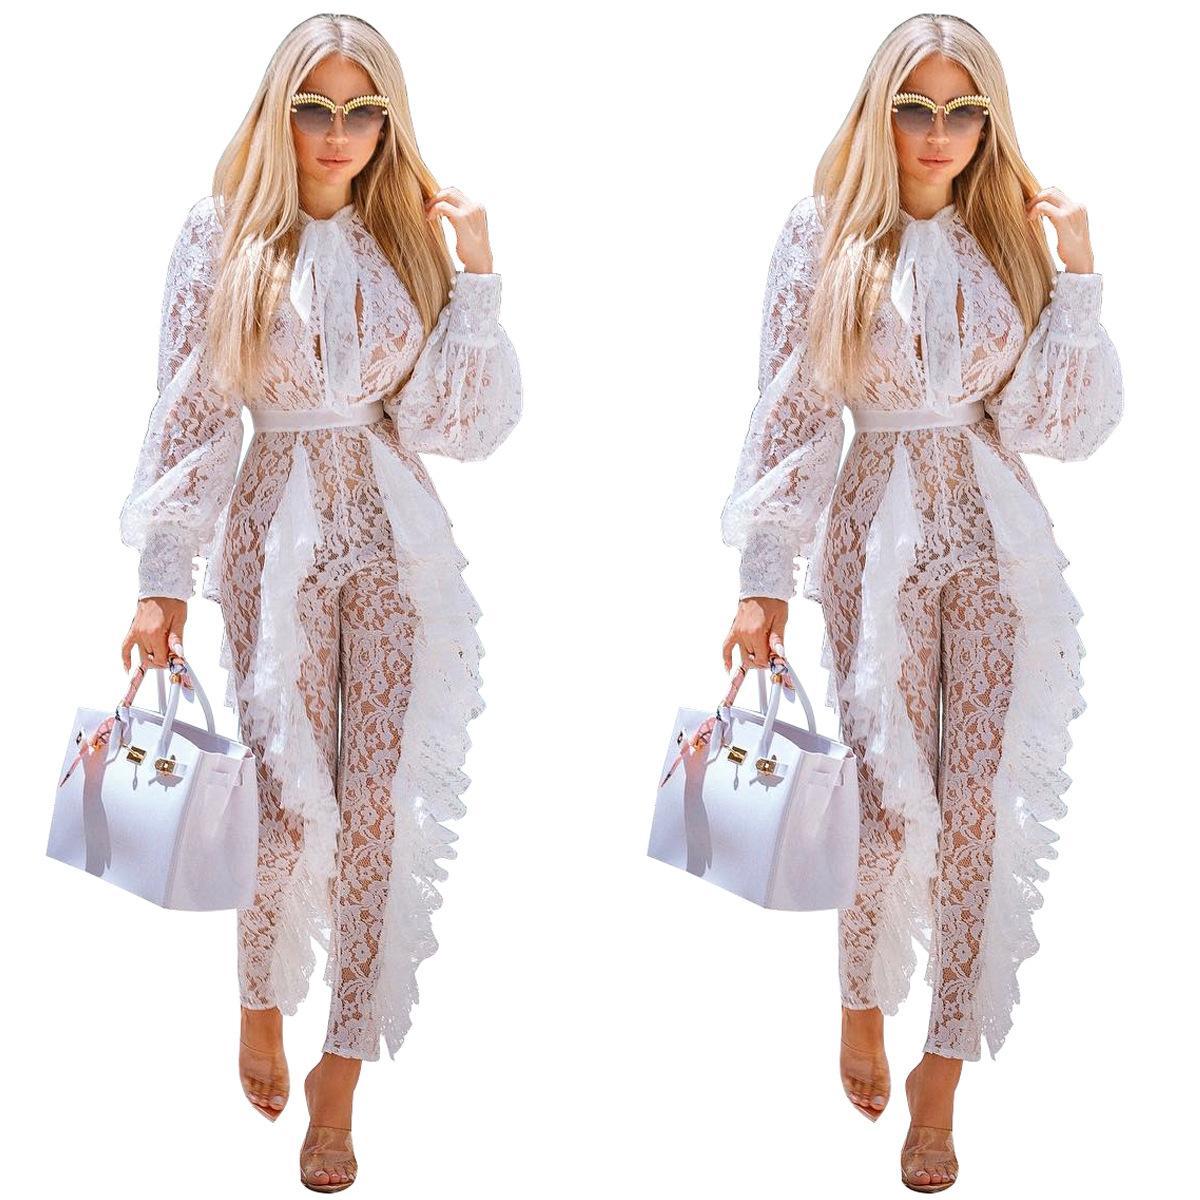 À volants pure dentelle combinaison cravate noeud lanterne à manches longues barboteuse élégantes femmes barboteuses haute qualité nuit club globale vente chaude